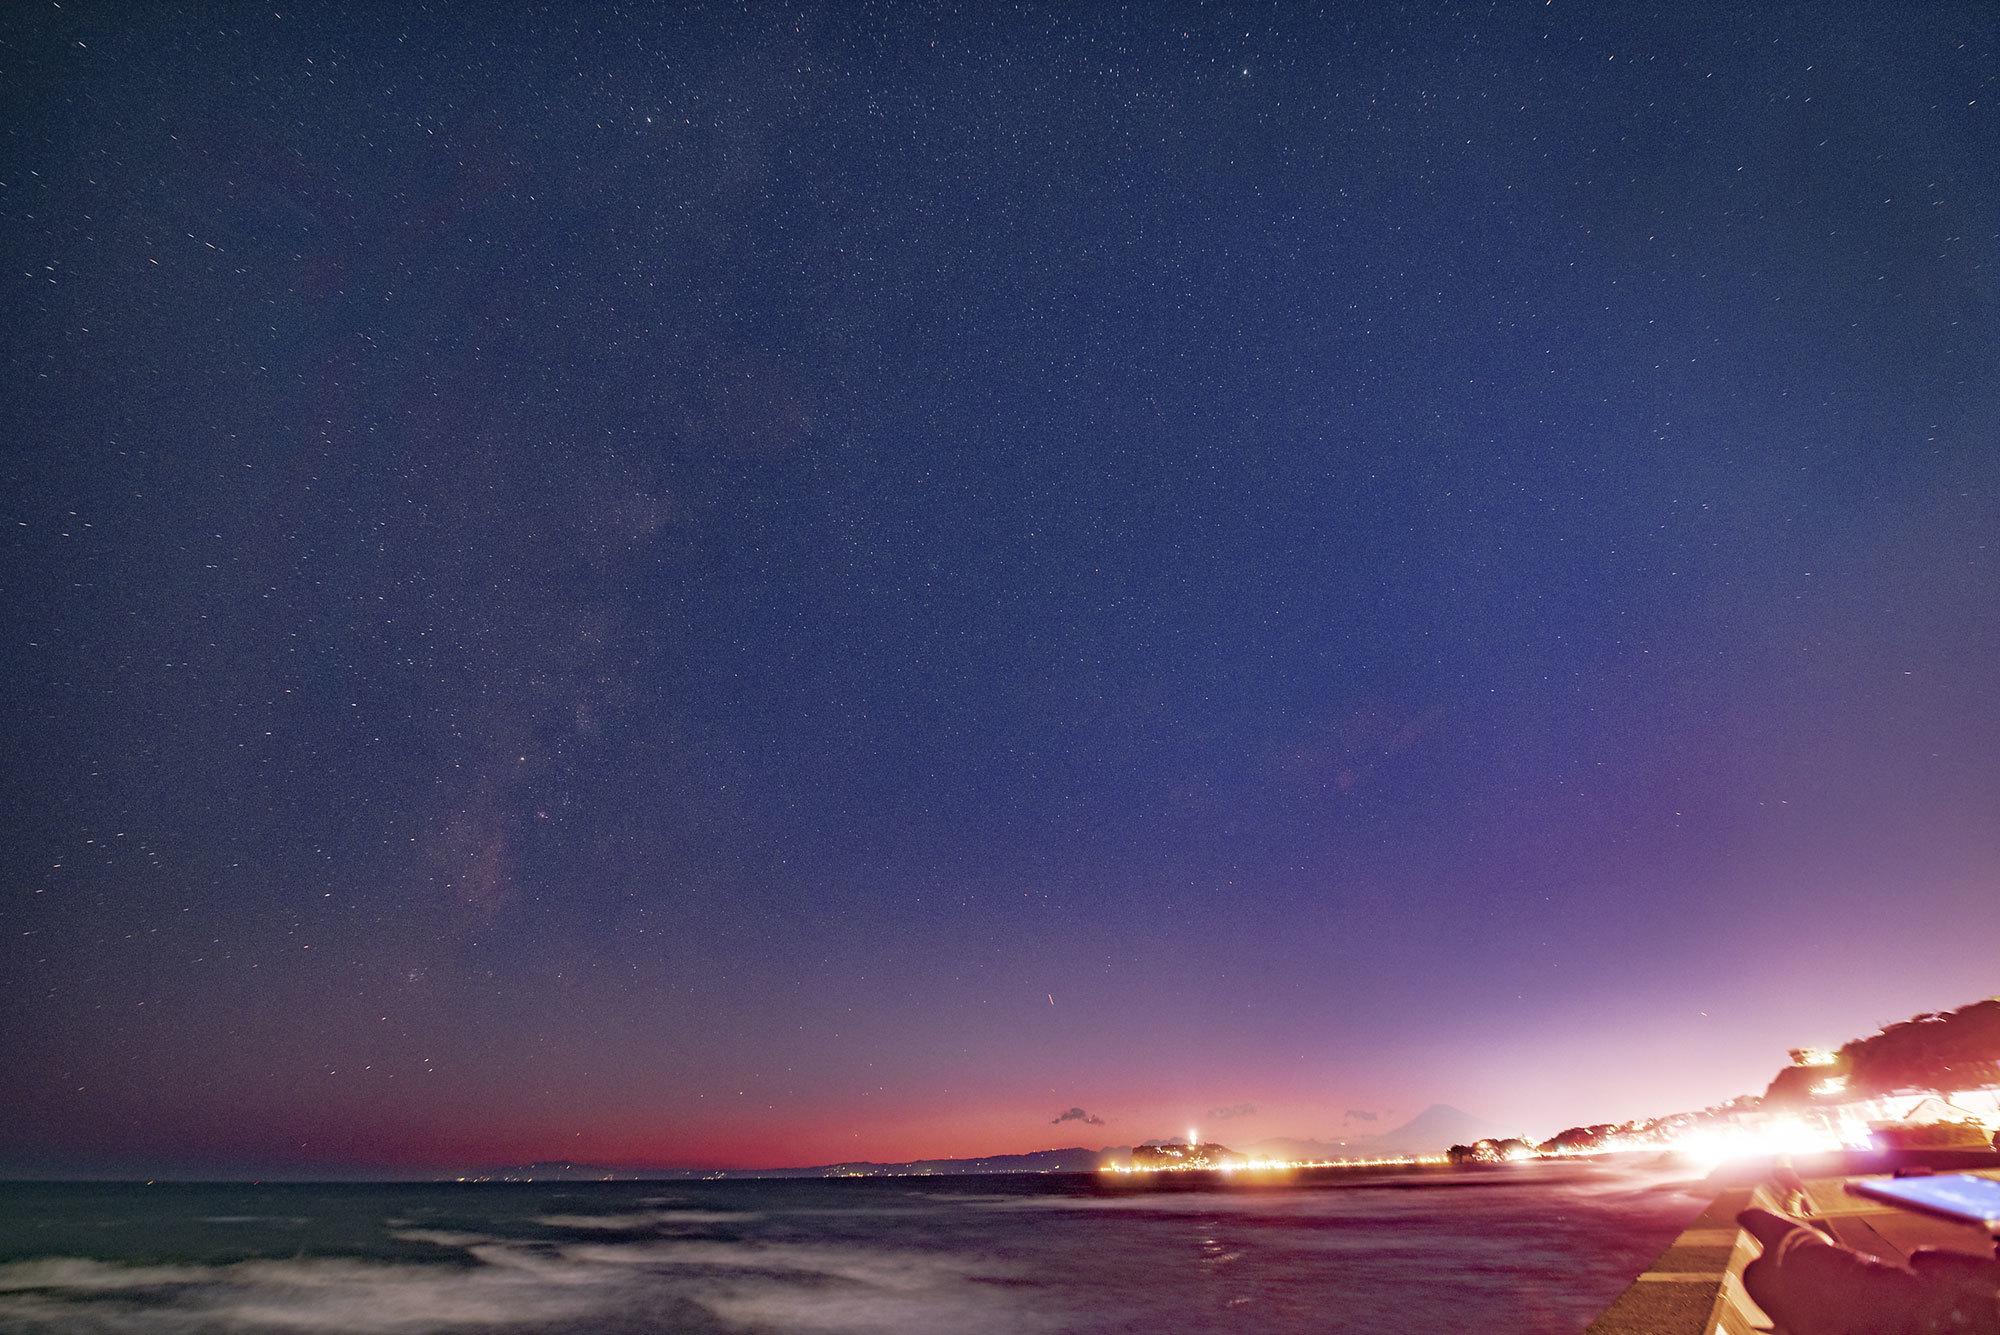 使用記〜StarsPhoto、初めて鎌倉七里ガ浜で使う_b0400557_15472754.jpg